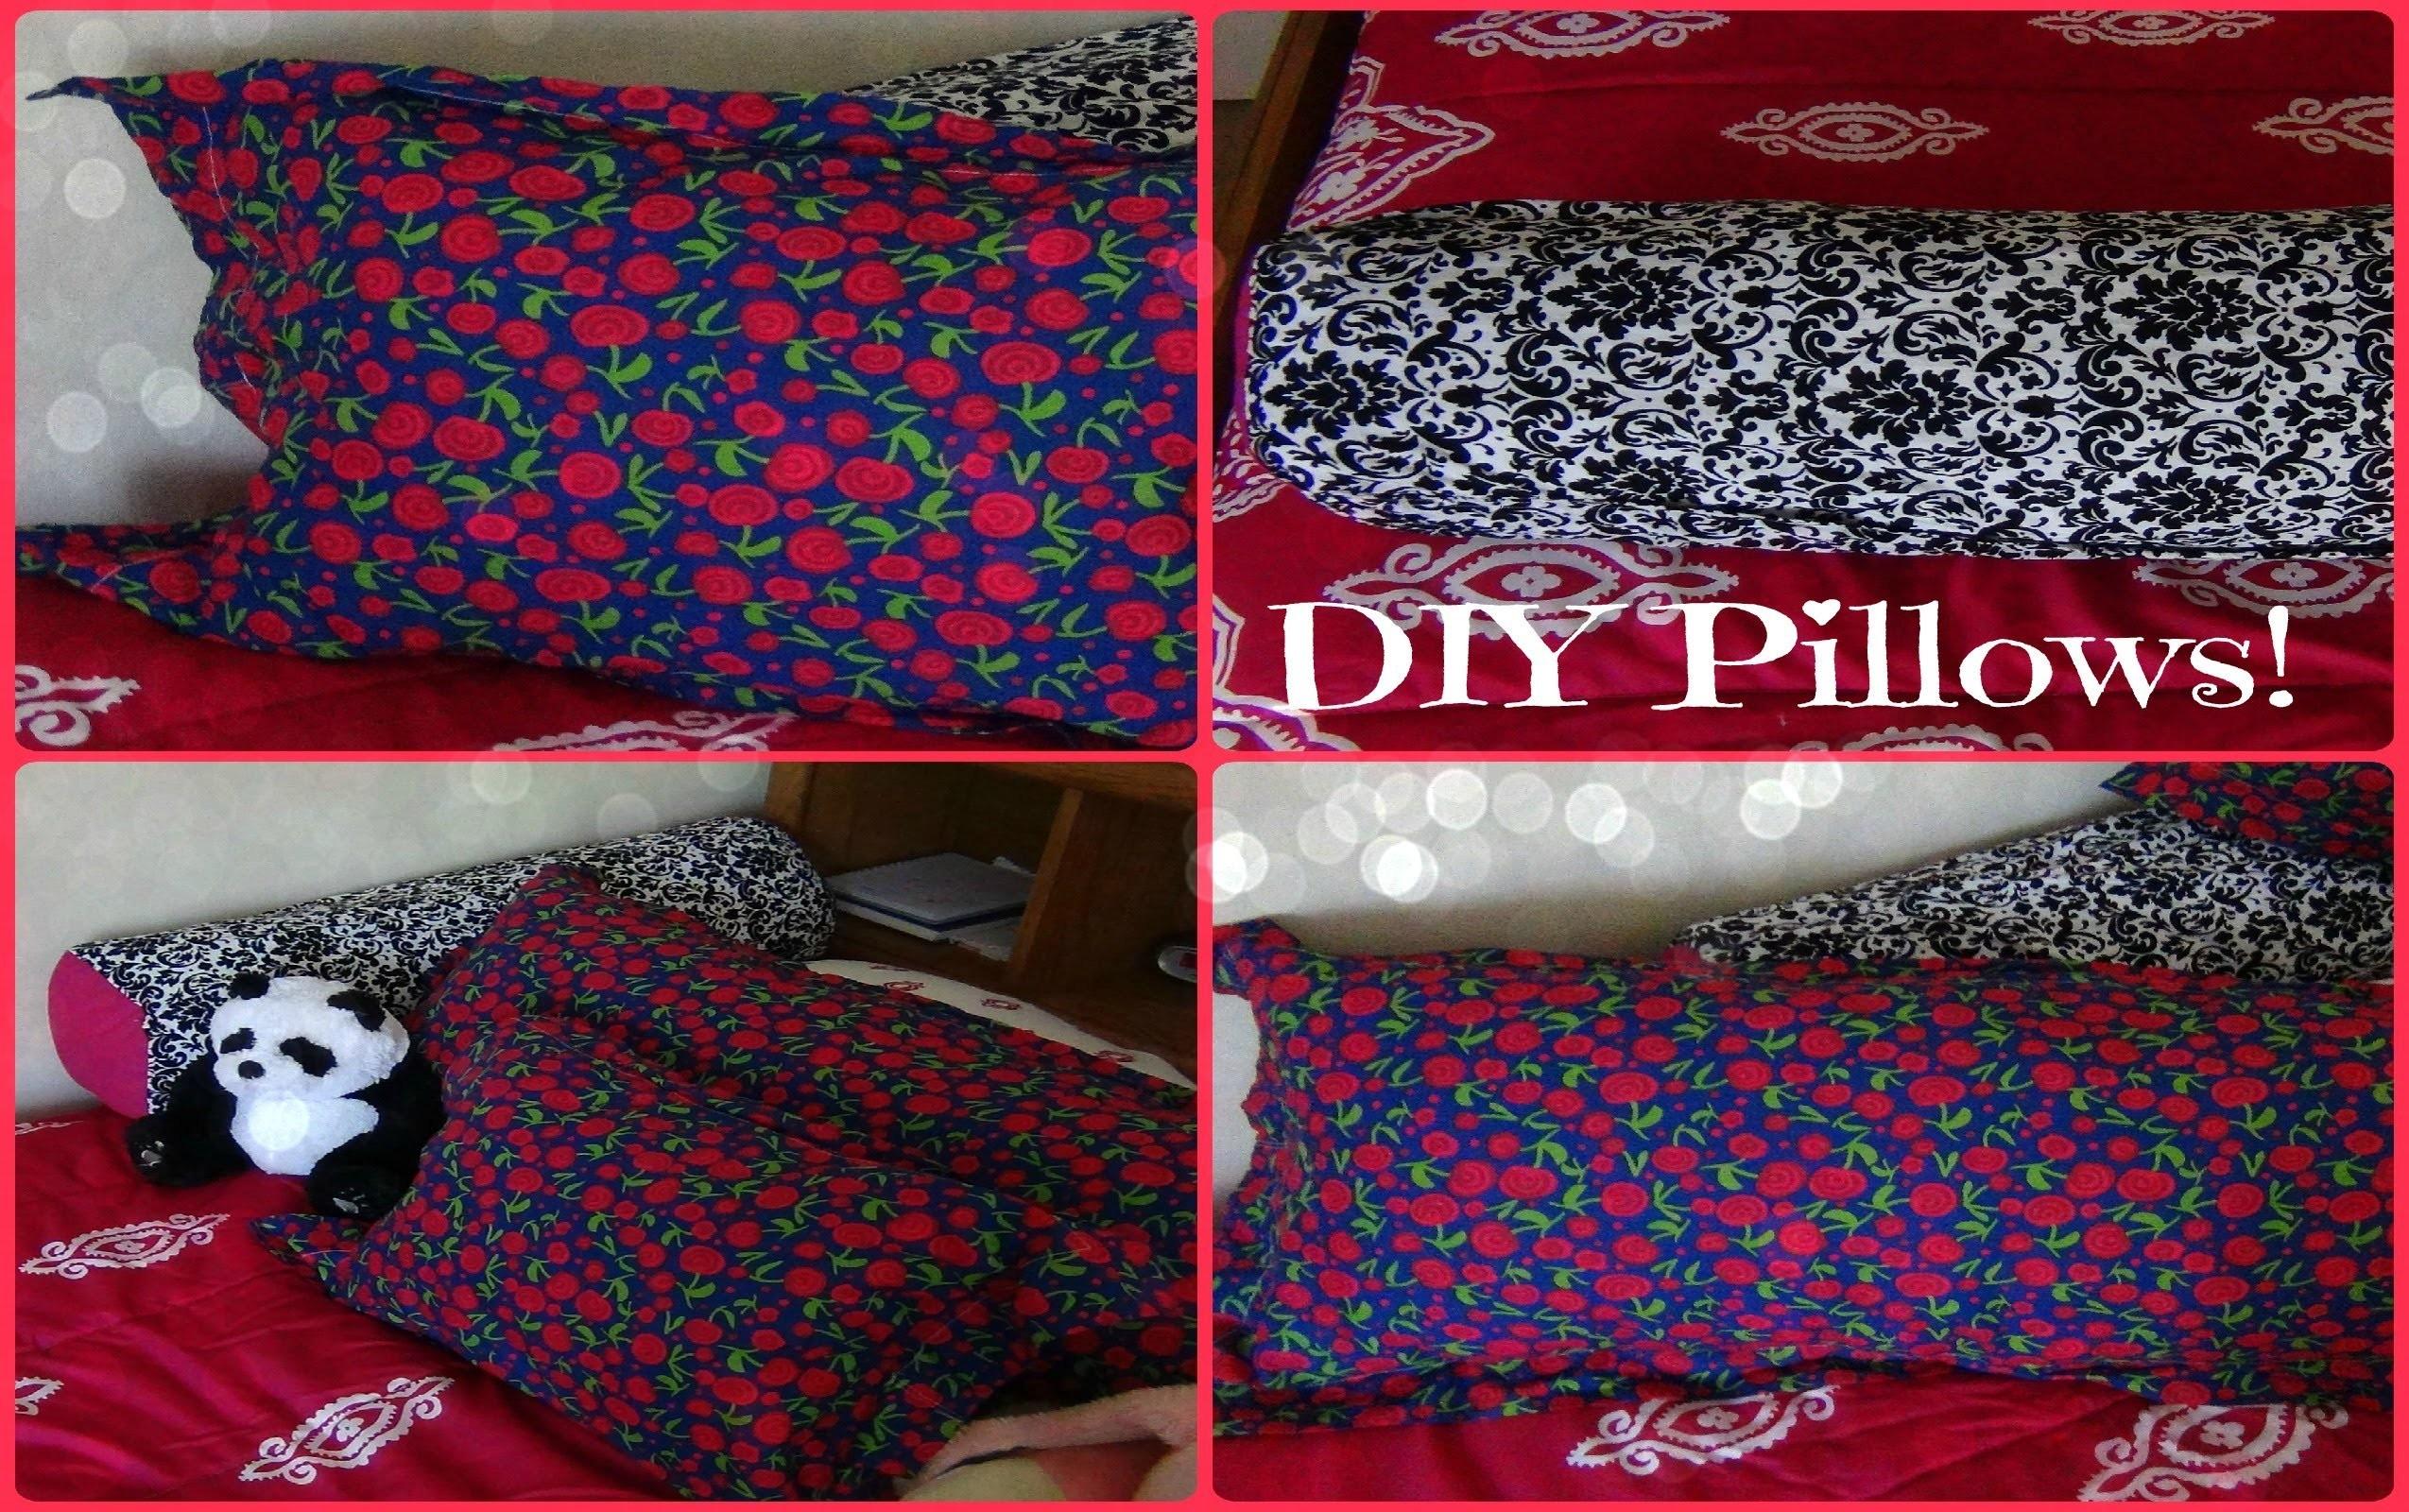 diy pillows